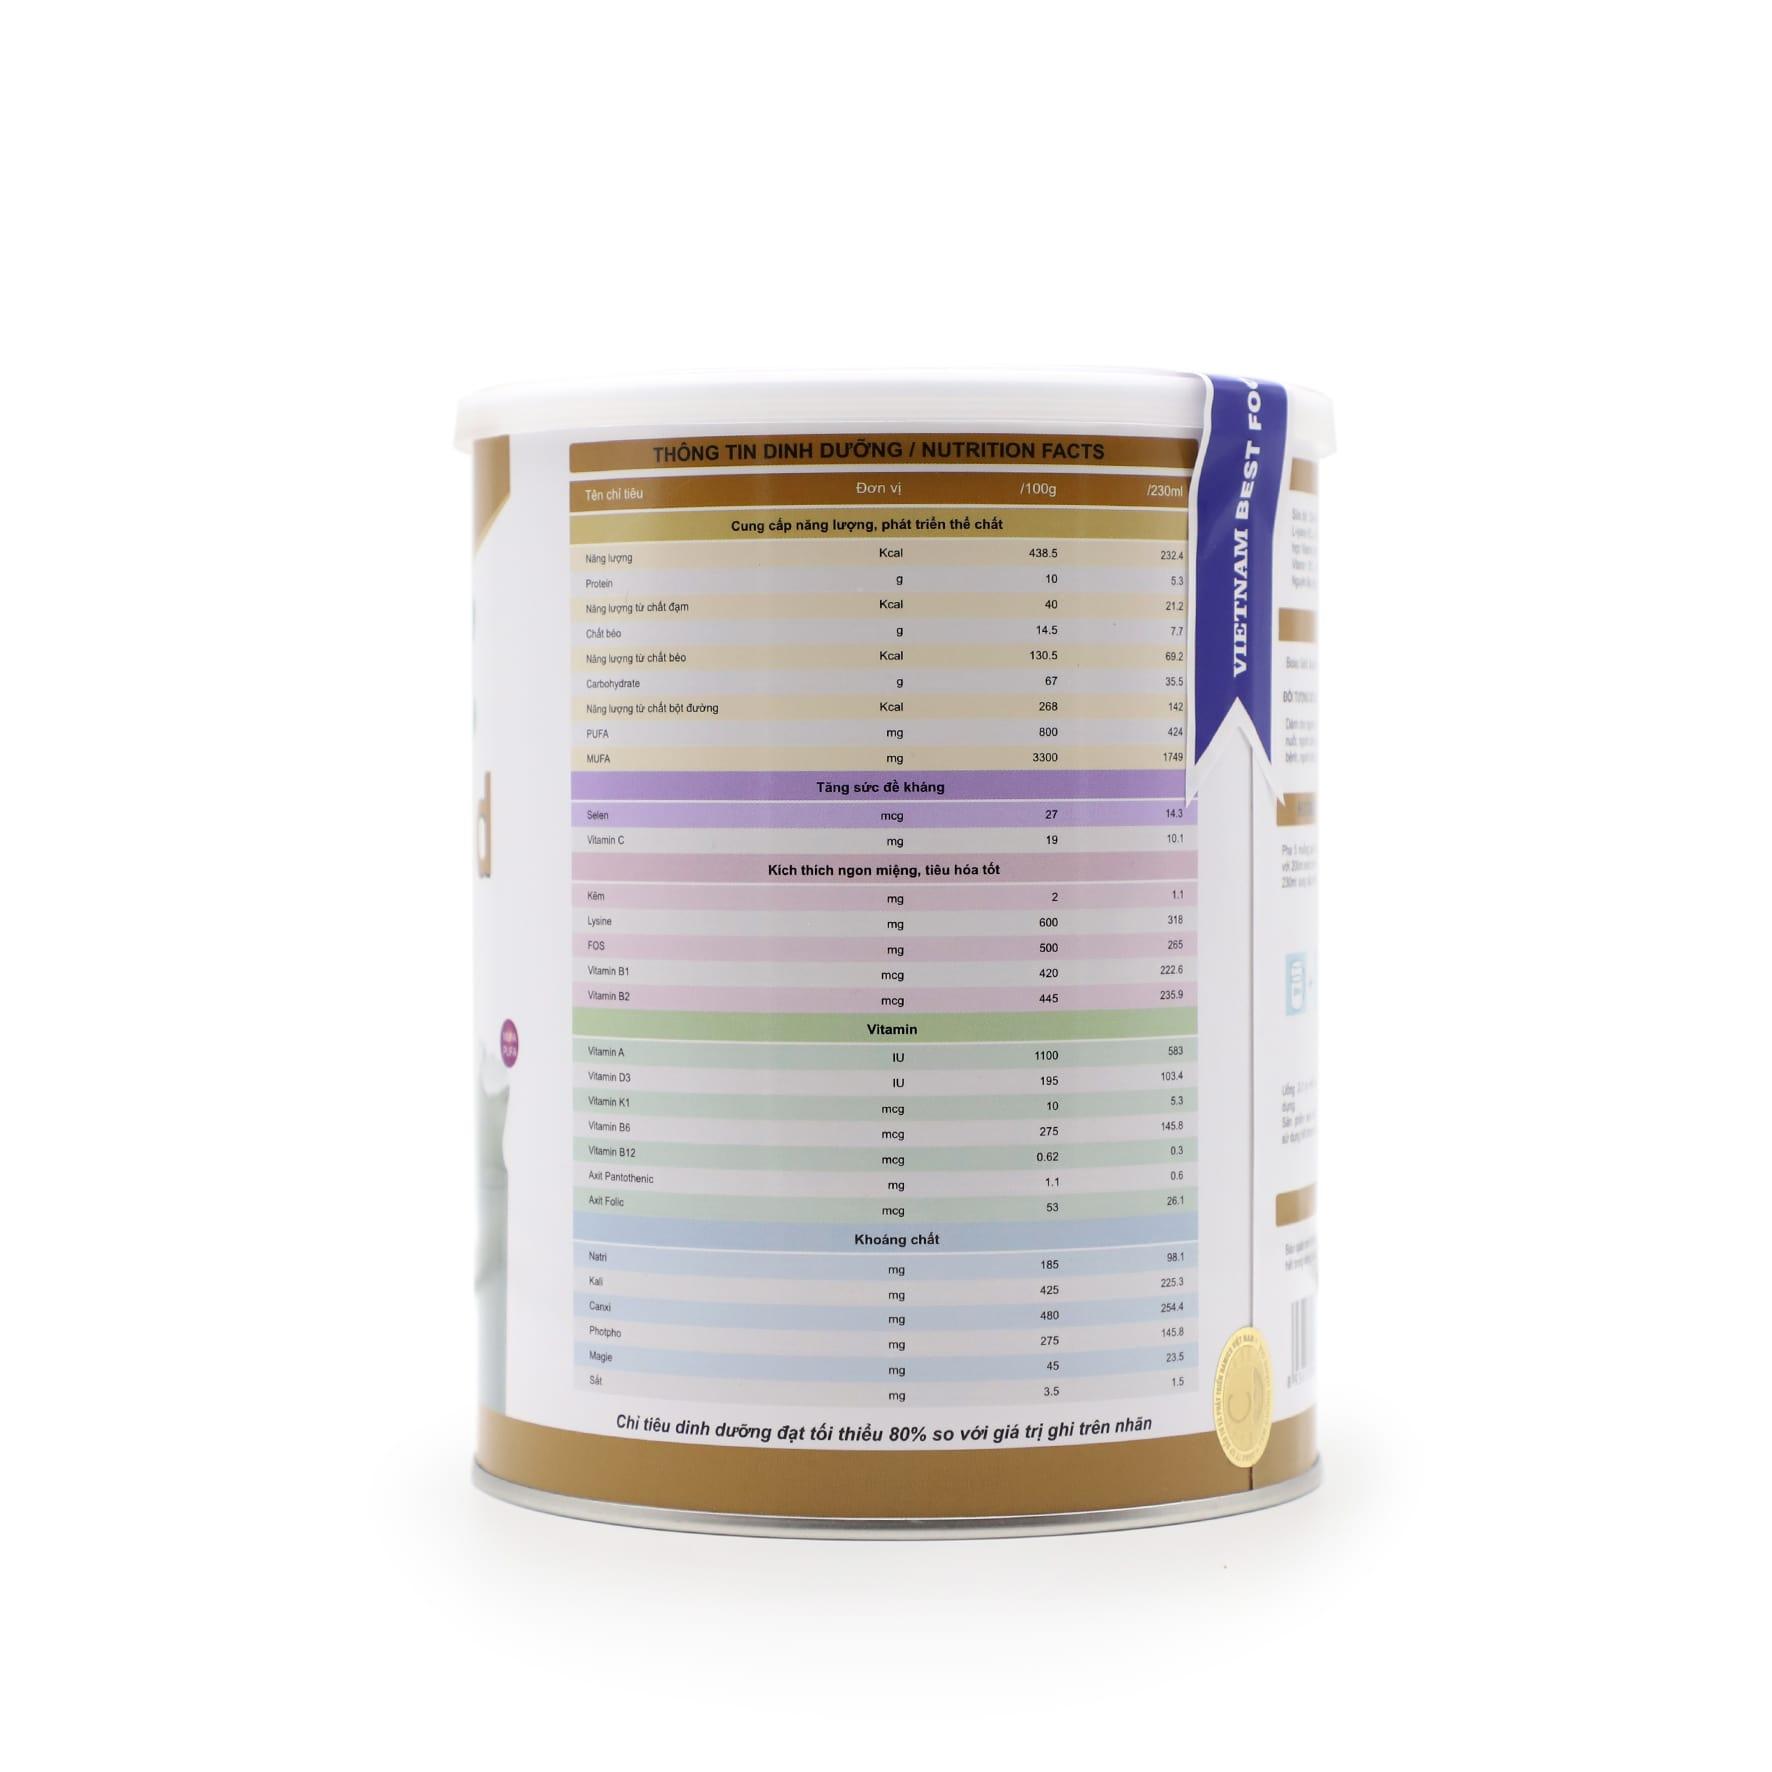 Sữa Biolac Gold 900g